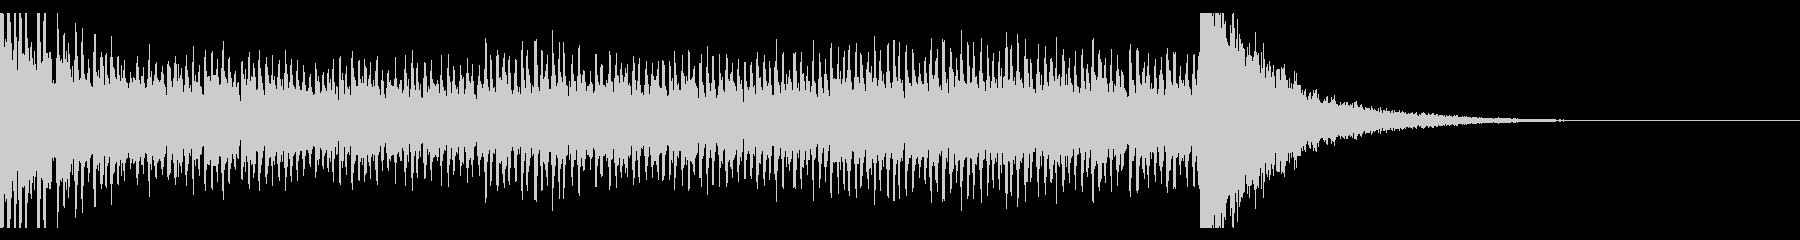 シンプルなドラムロール(12秒)の未再生の波形